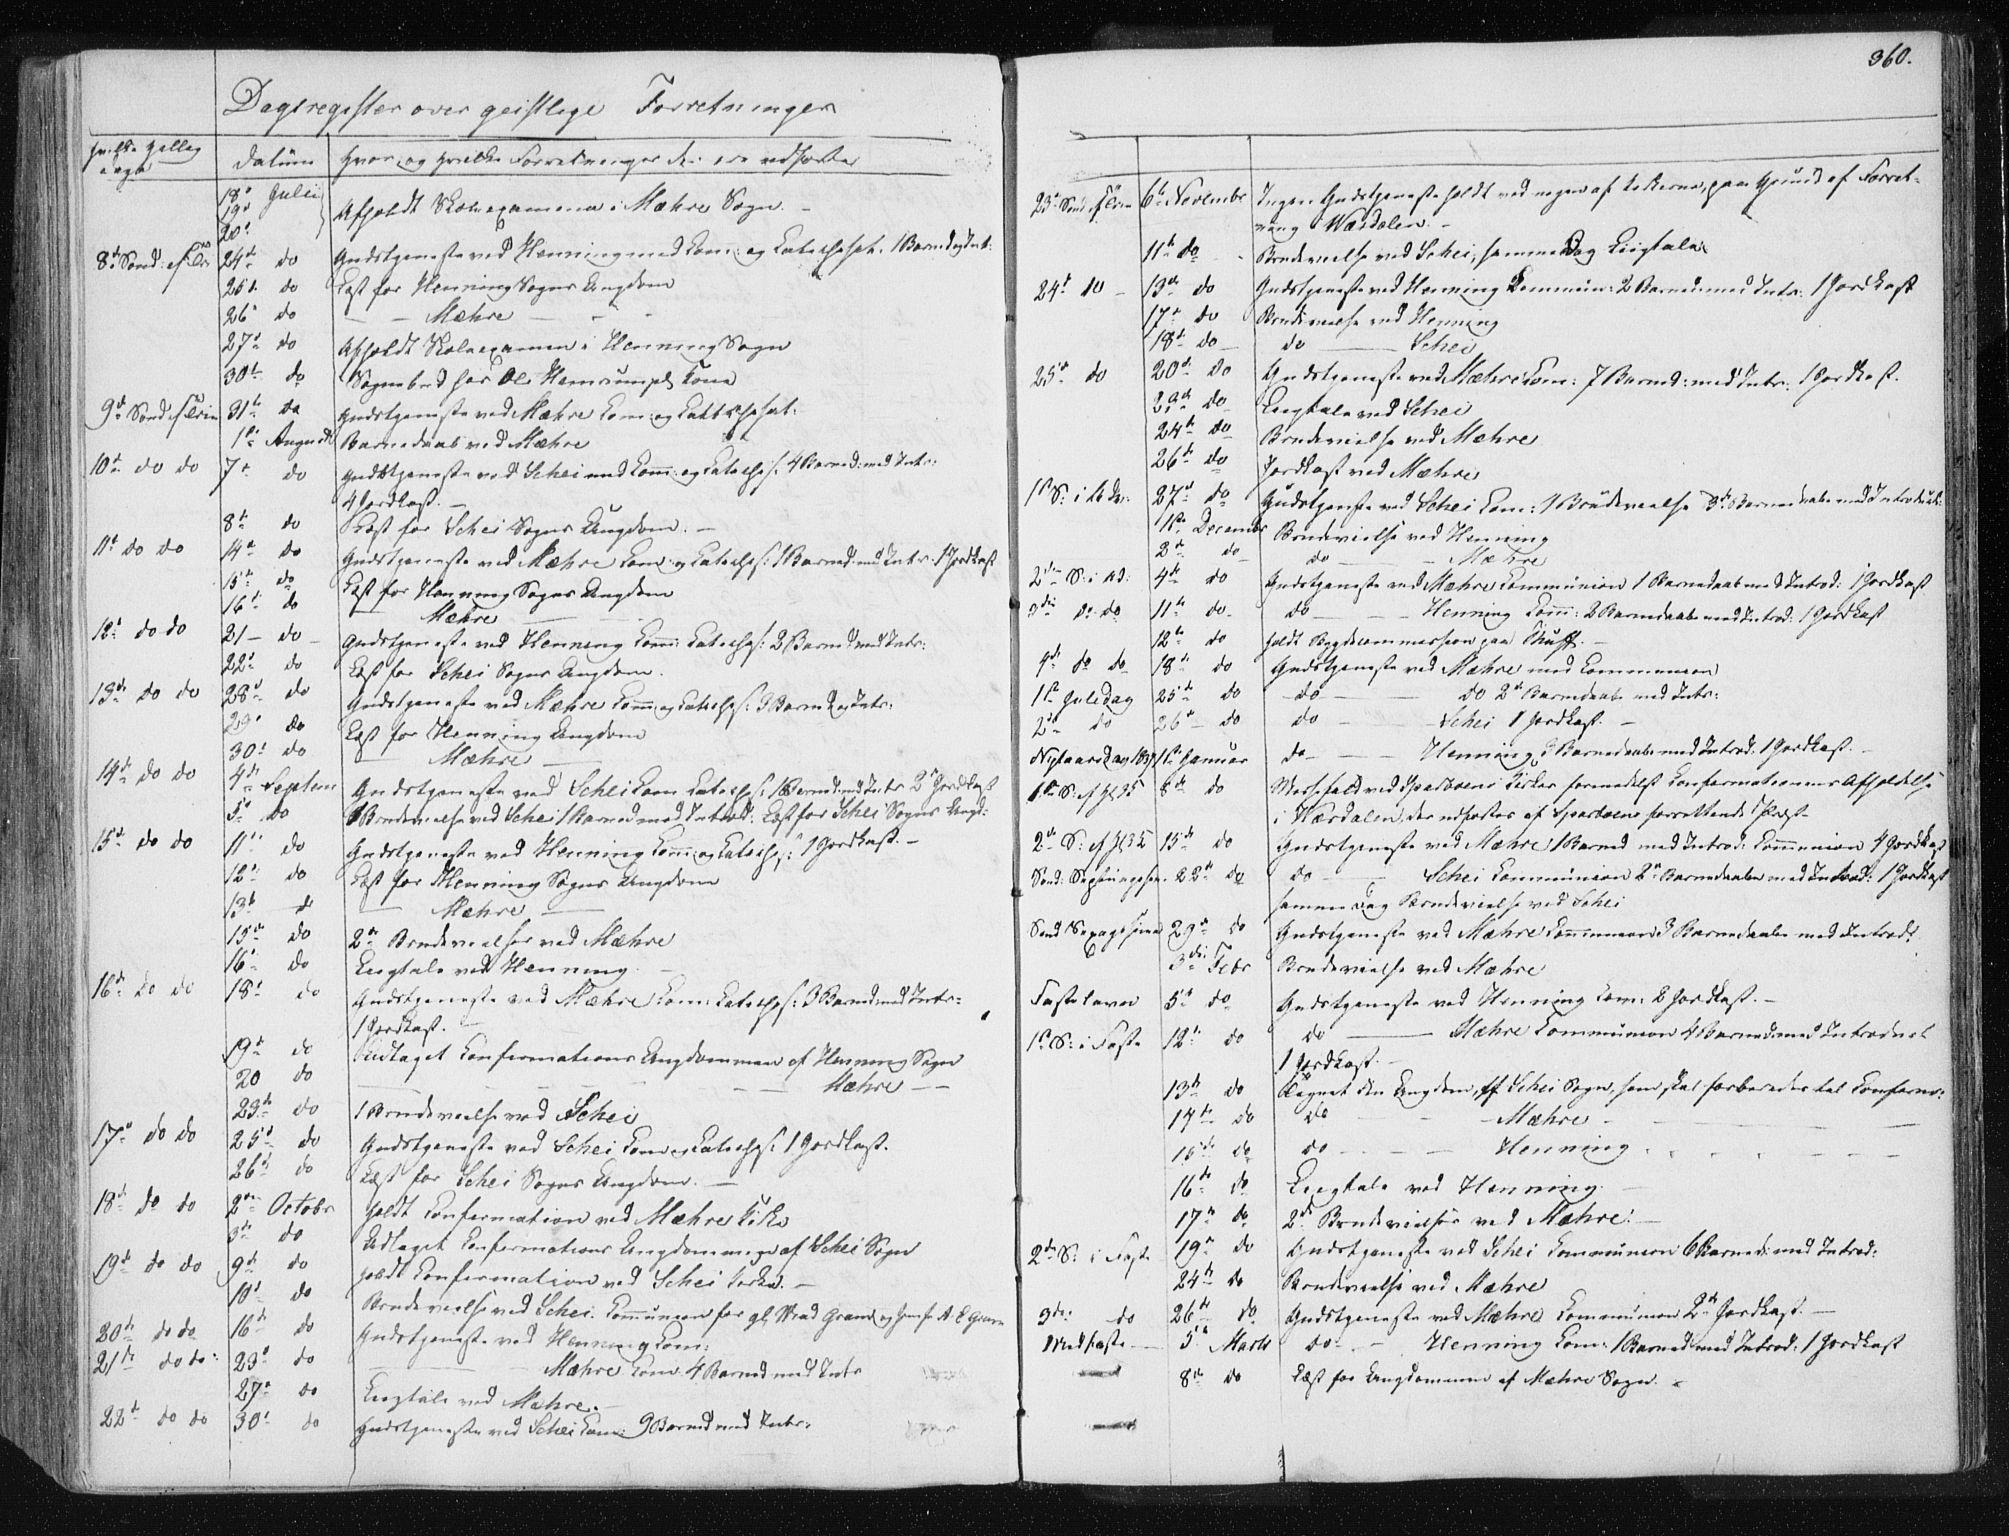 SAT, Ministerialprotokoller, klokkerbøker og fødselsregistre - Nord-Trøndelag, 735/L0339: Ministerialbok nr. 735A06 /1, 1836-1848, s. 360